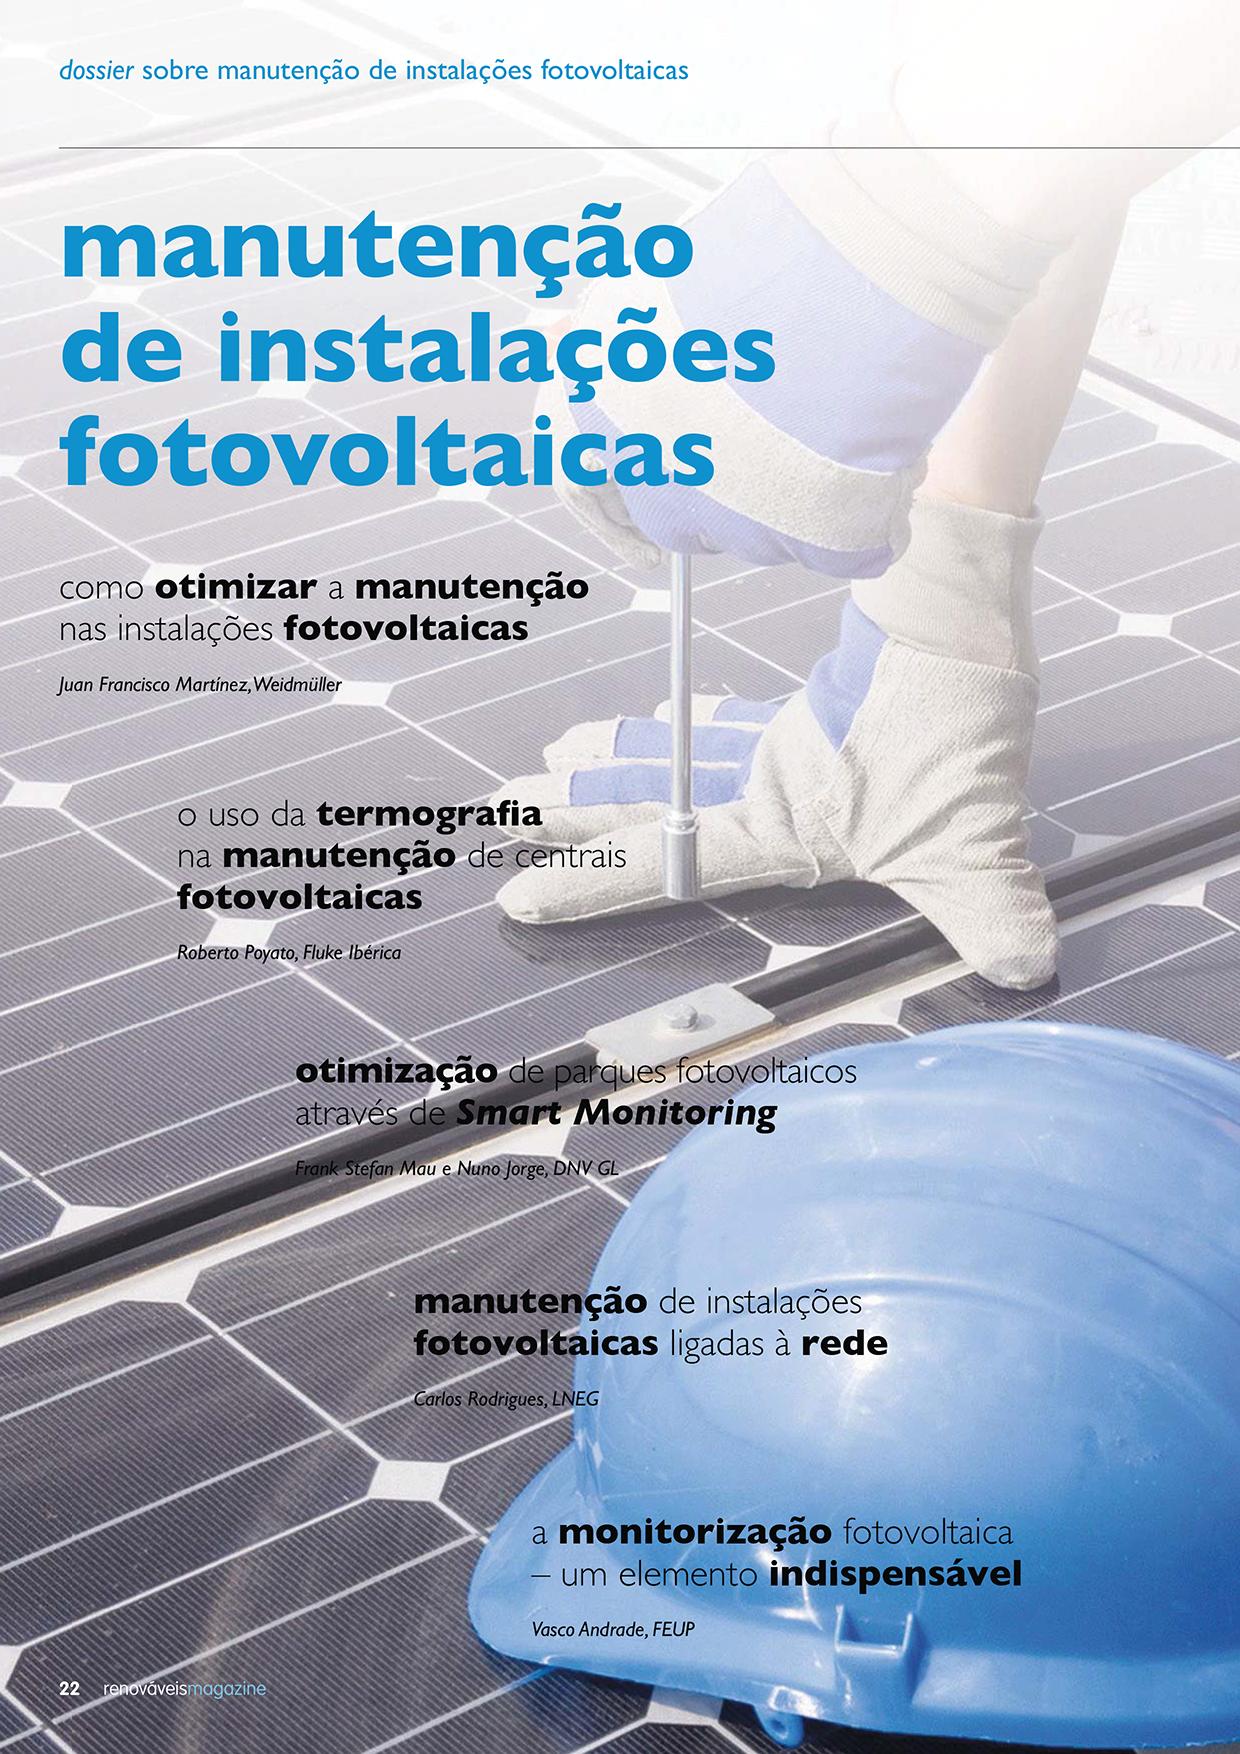 Dossier sobre Manutenção de instalações fotovoltaicas